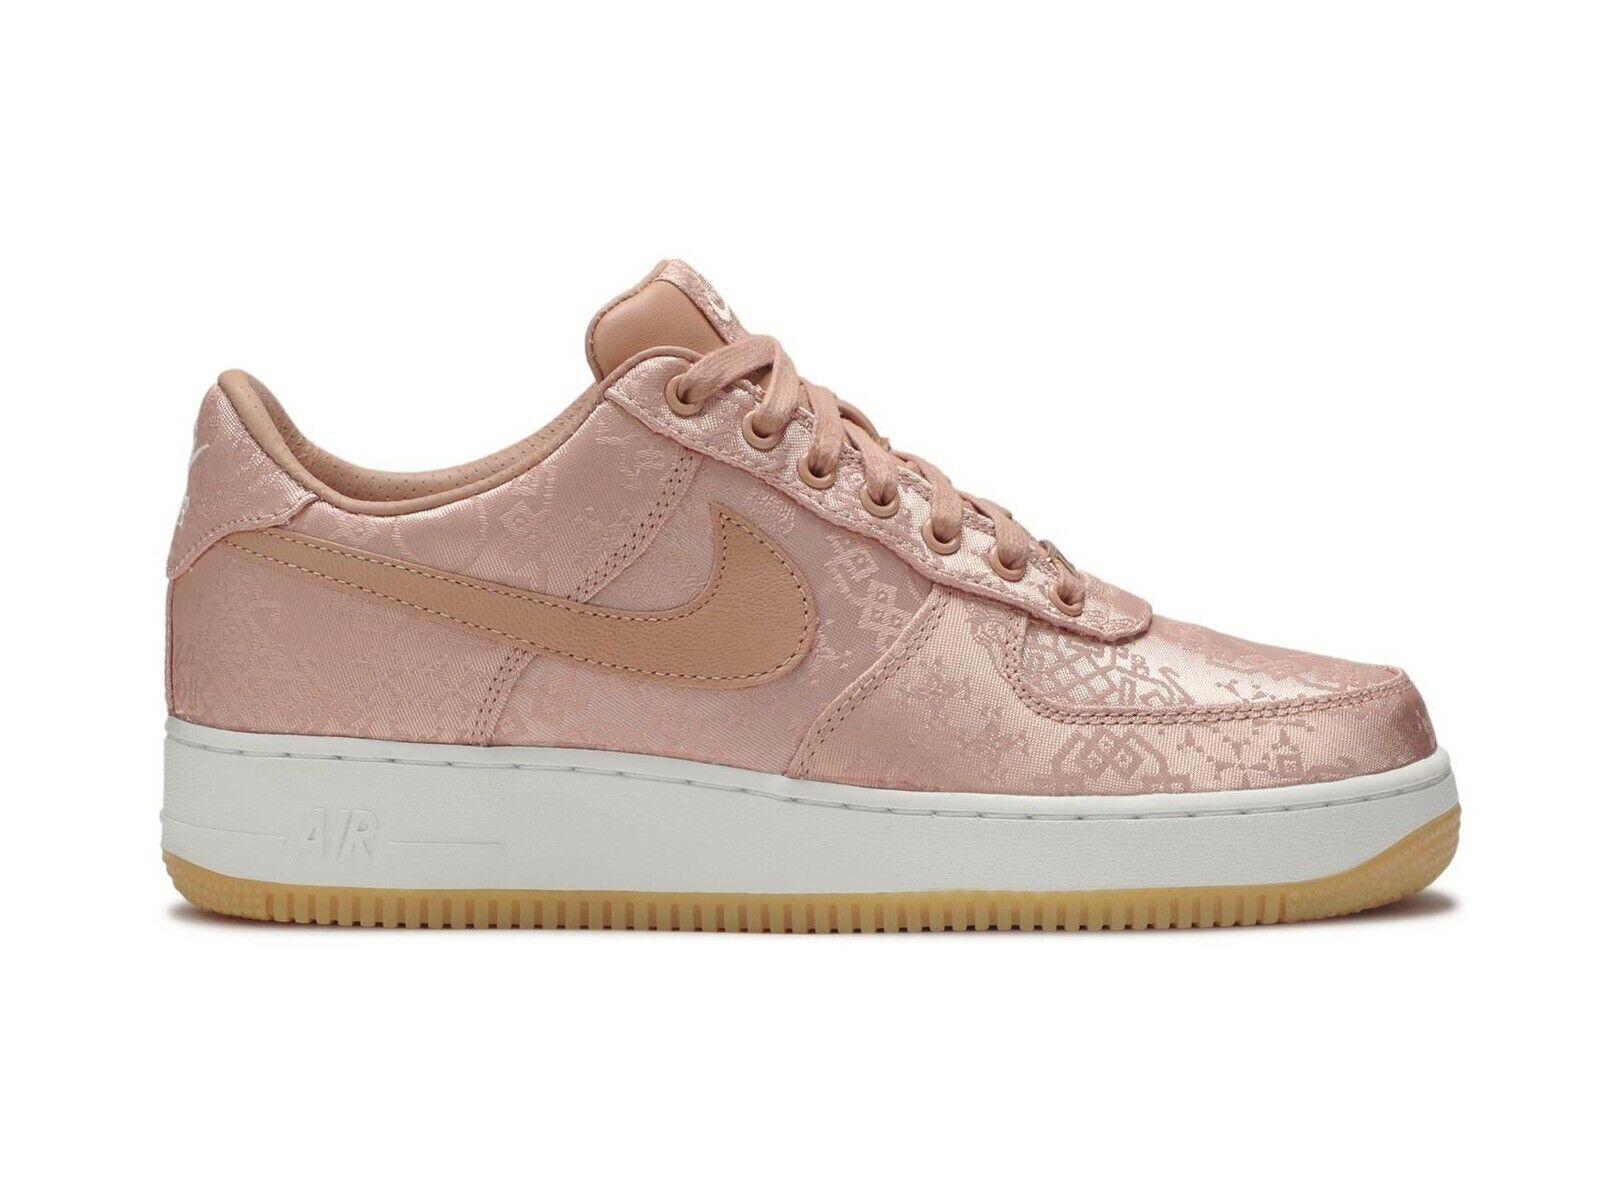 Nike Air Force 1 Low Clot Rose Gold Silk Regular Box